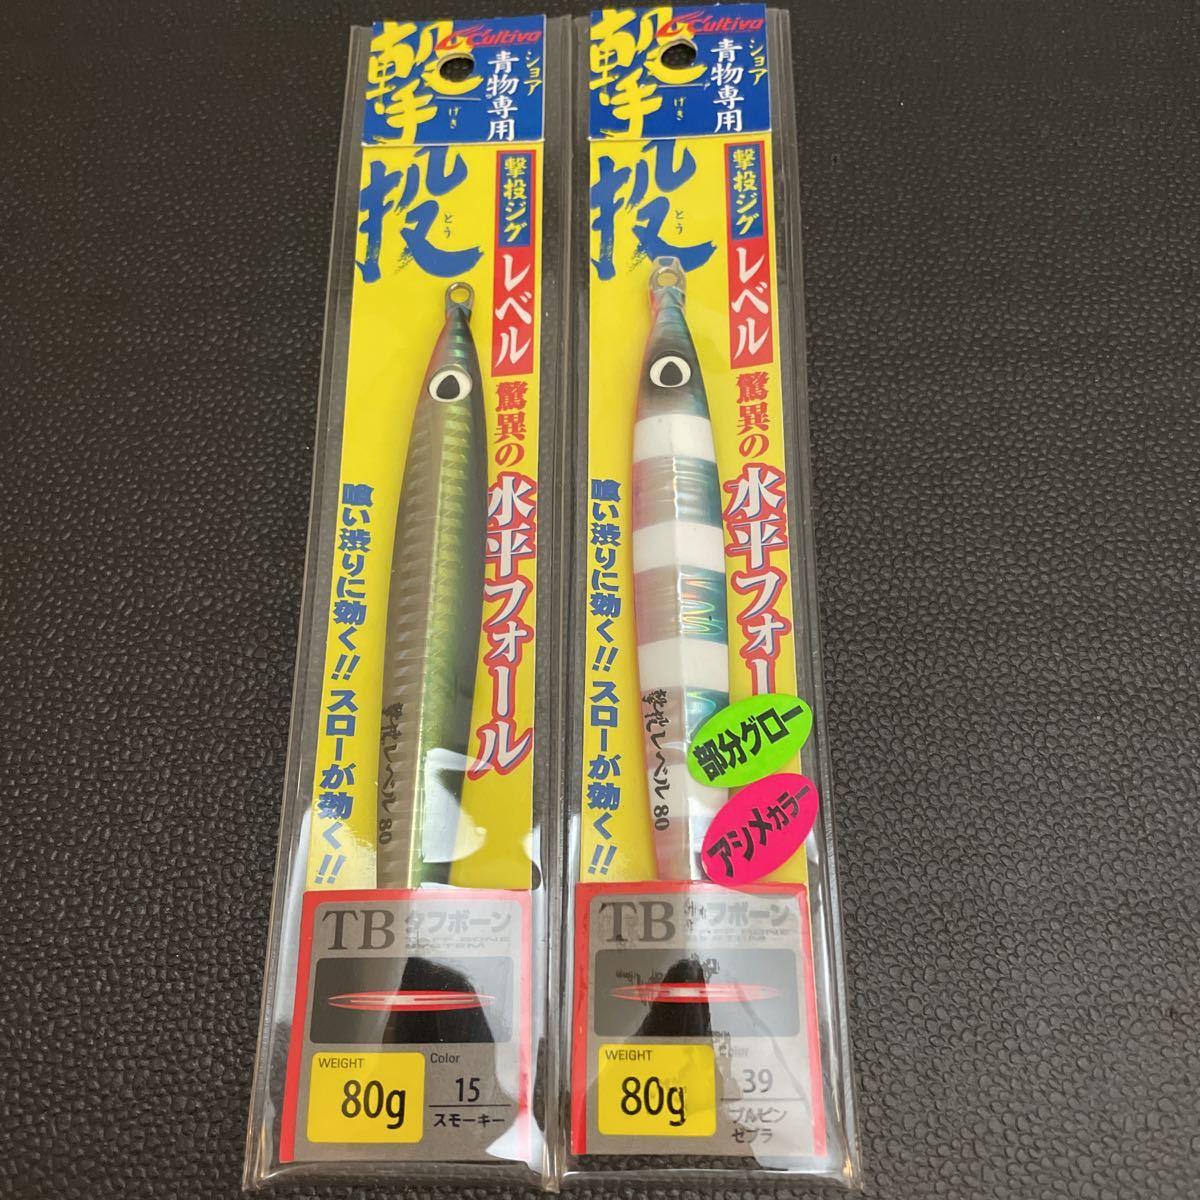 撃投ジグ レベル80g 2個set 未使用